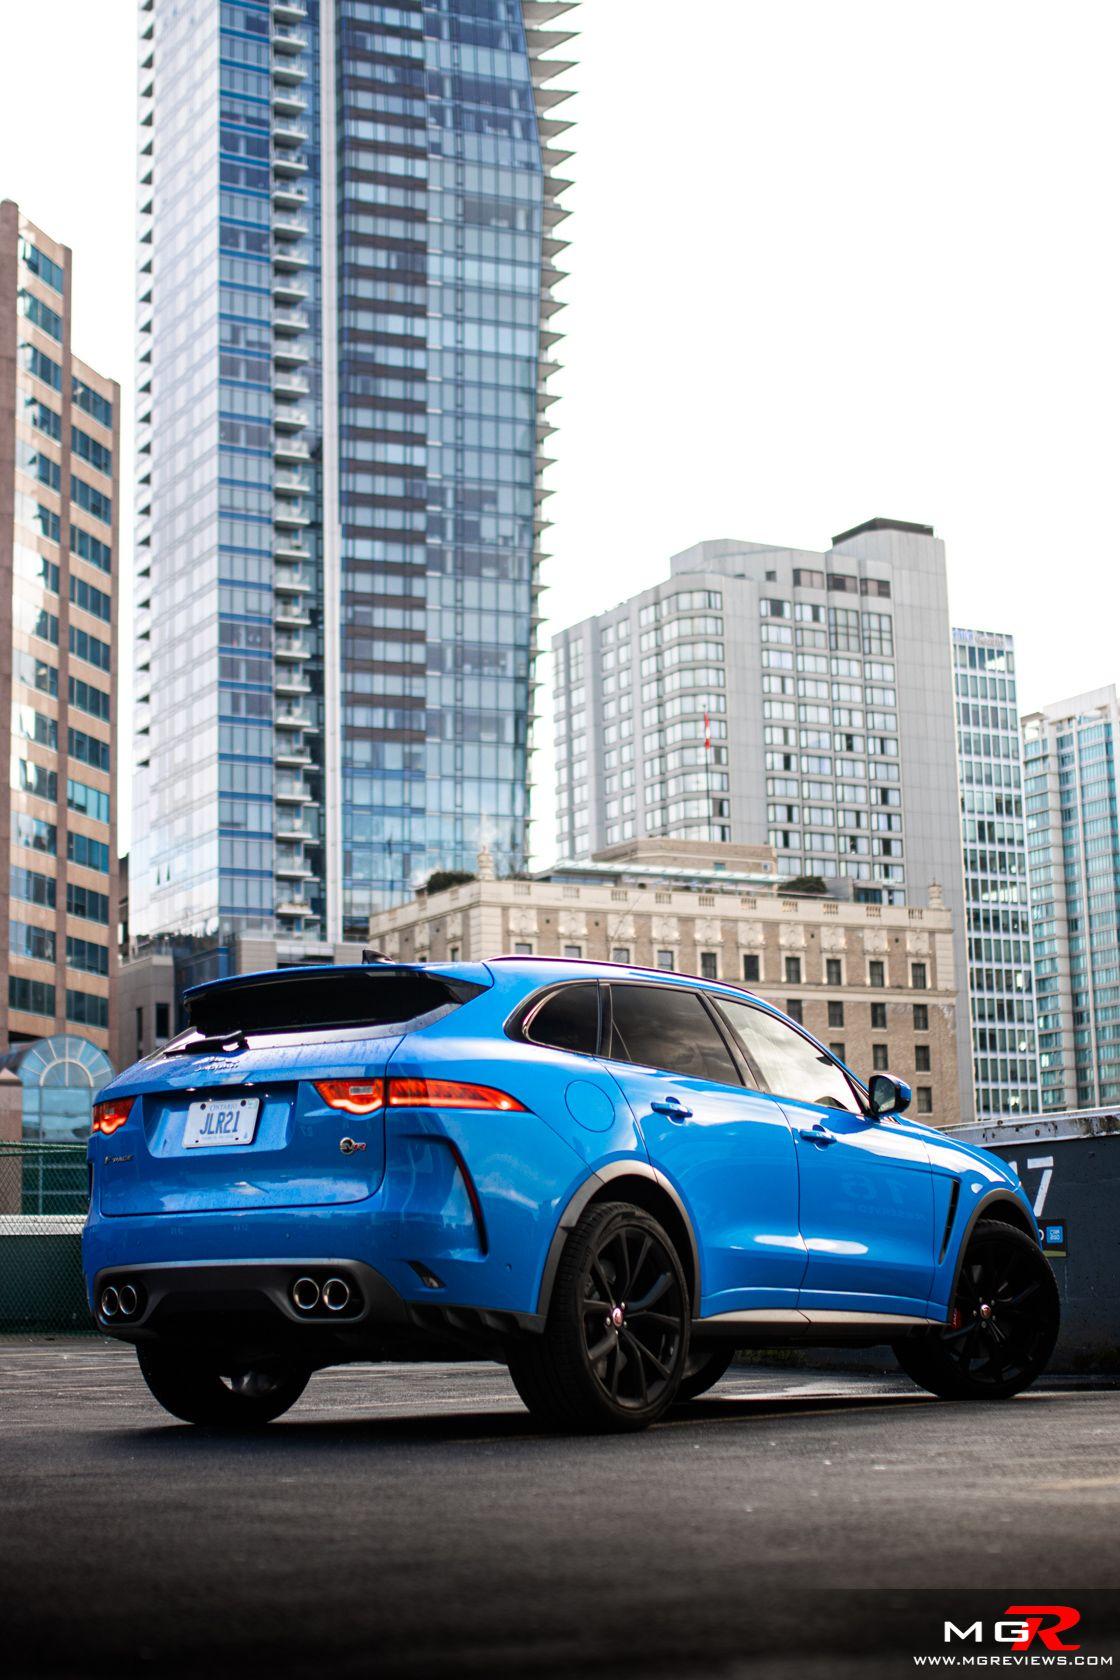 Review 2020 Jaguar F Pace Svr In 2020 Automotive Photography Jaguar Performance Engines